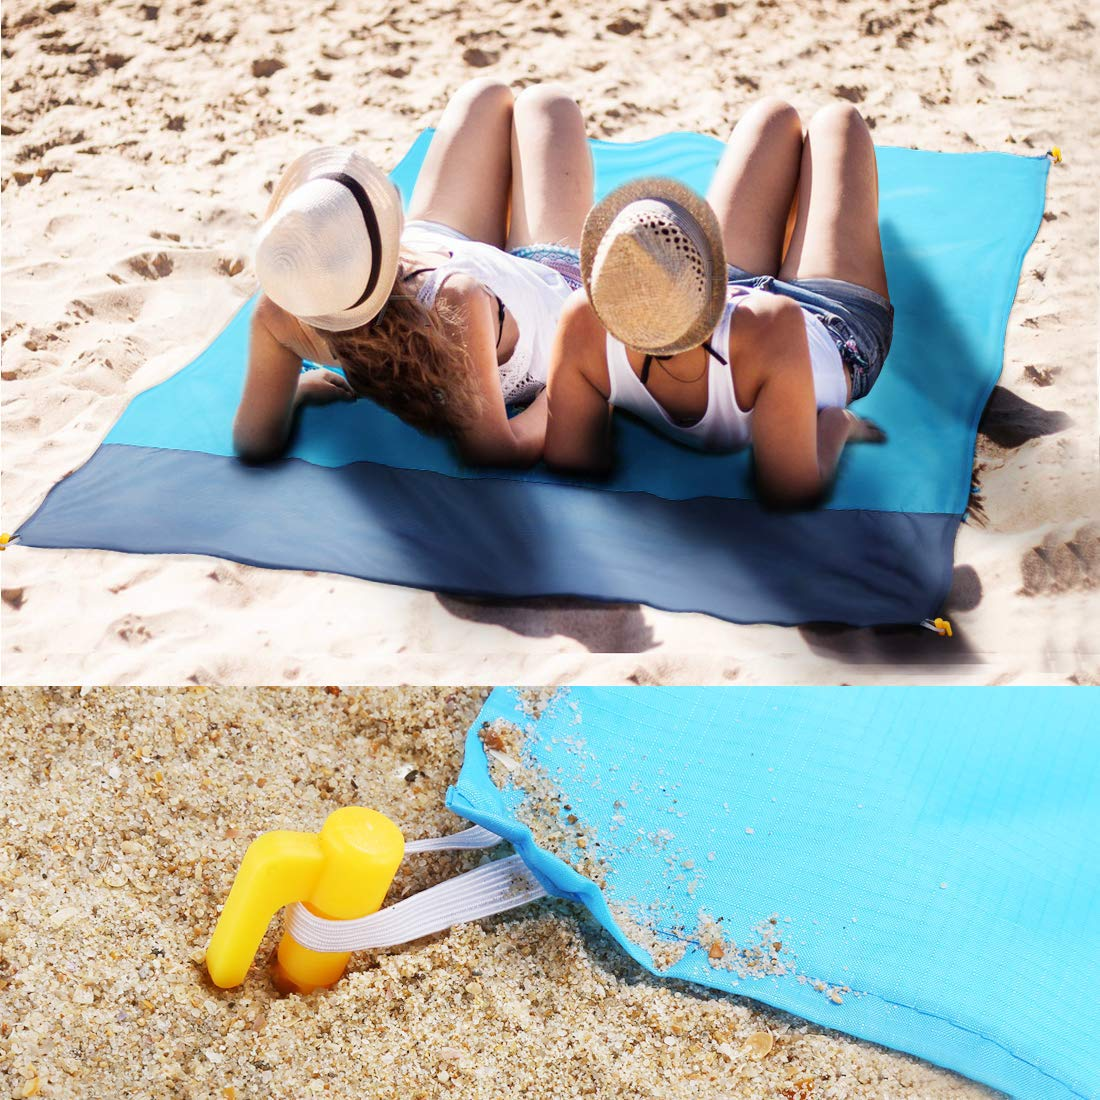 HosDen Alfombras de Playa Manta Picnic Impermeable 140 x 200cm Anti-Arena Plegable Compacto con 4 Estaca Fijo para la Playa Azul + Gris Acampar Picnic y Otra Actividad al Aire Libre